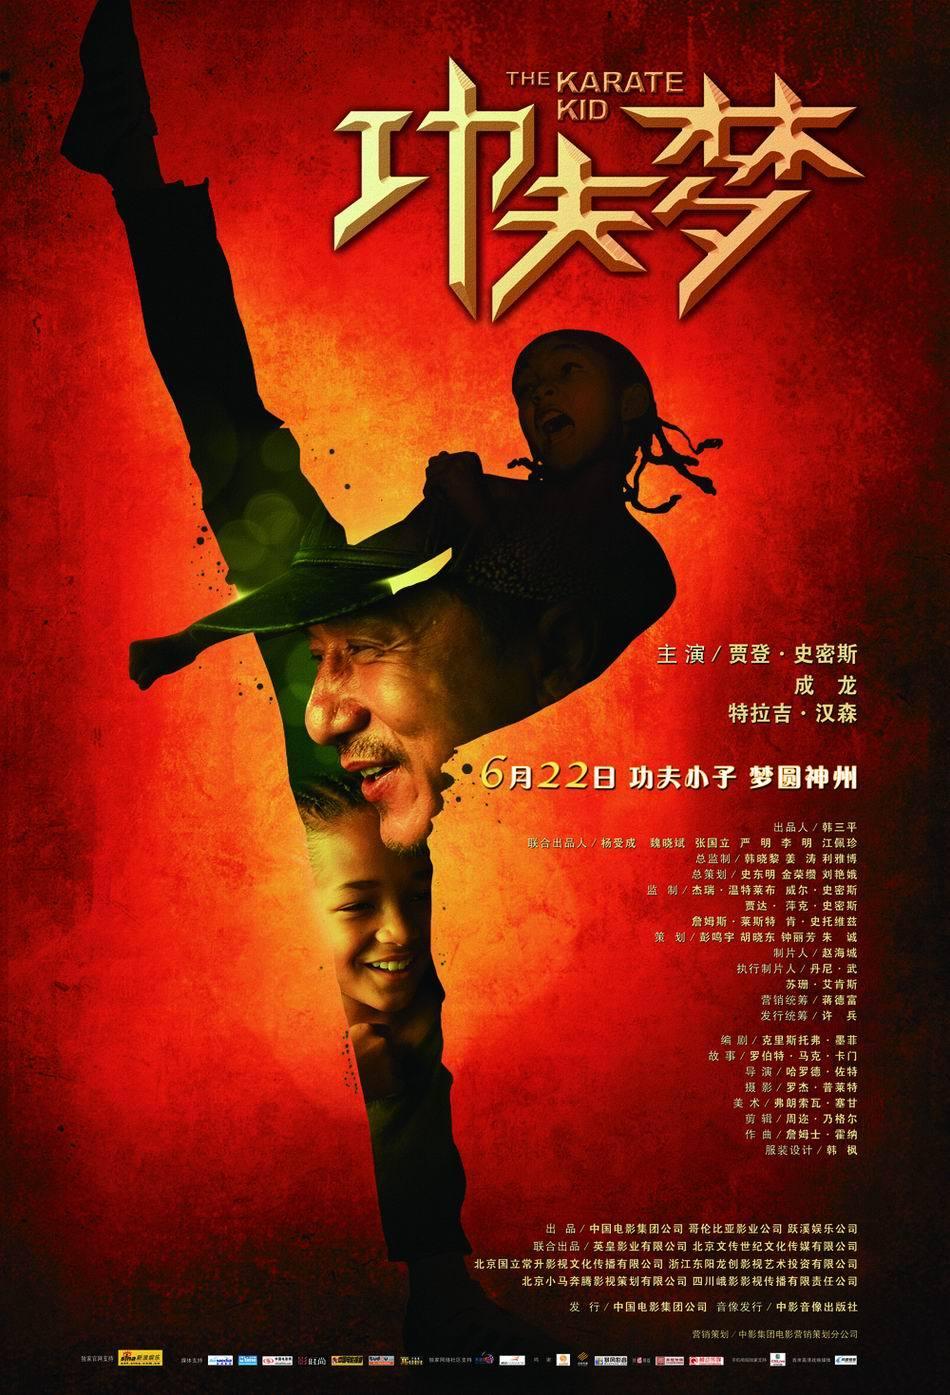 смотреть фильмы онлайн бесплатно пацан карате: